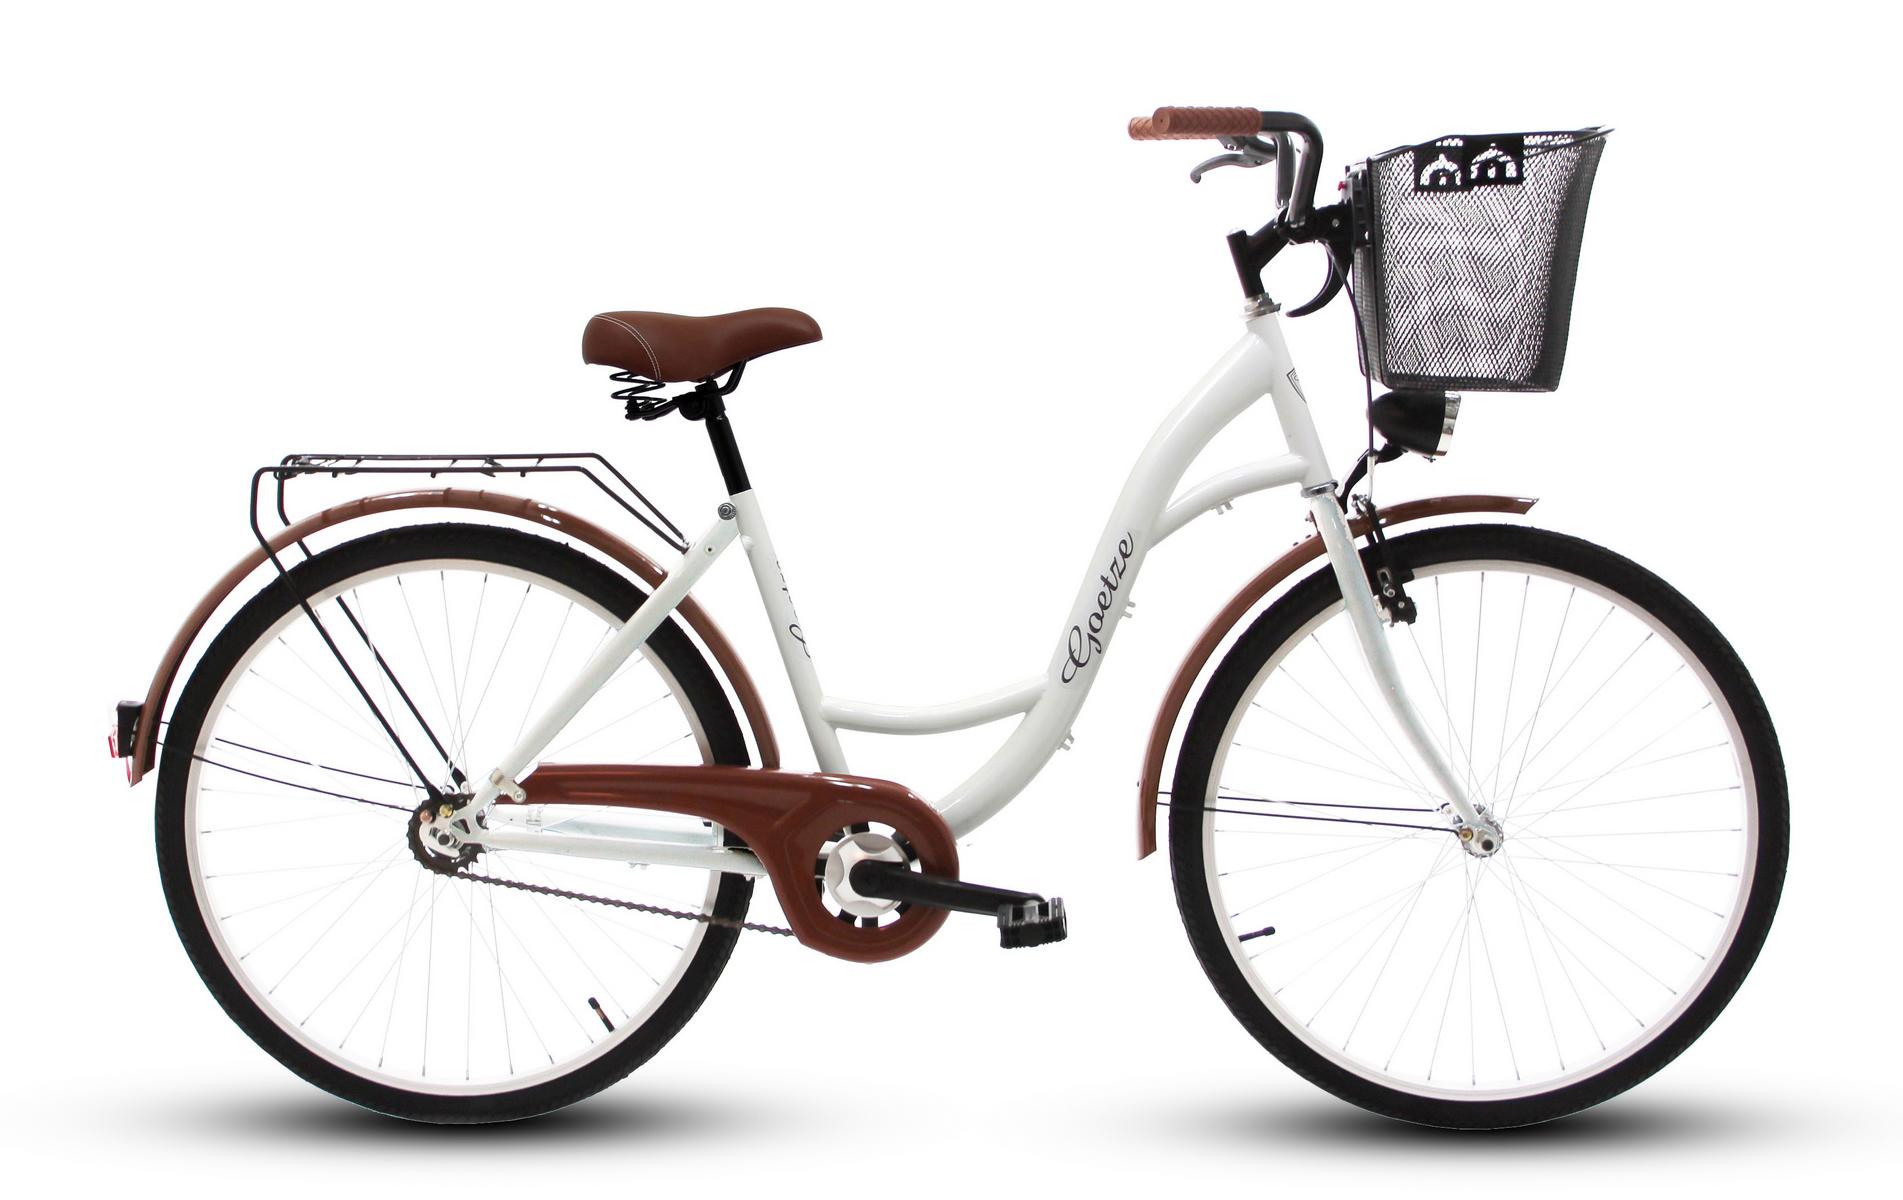 Dámsky mestský bicykel GOETZE 26 eco lady + košík !!!  Veľkosť rámu 17 palcov